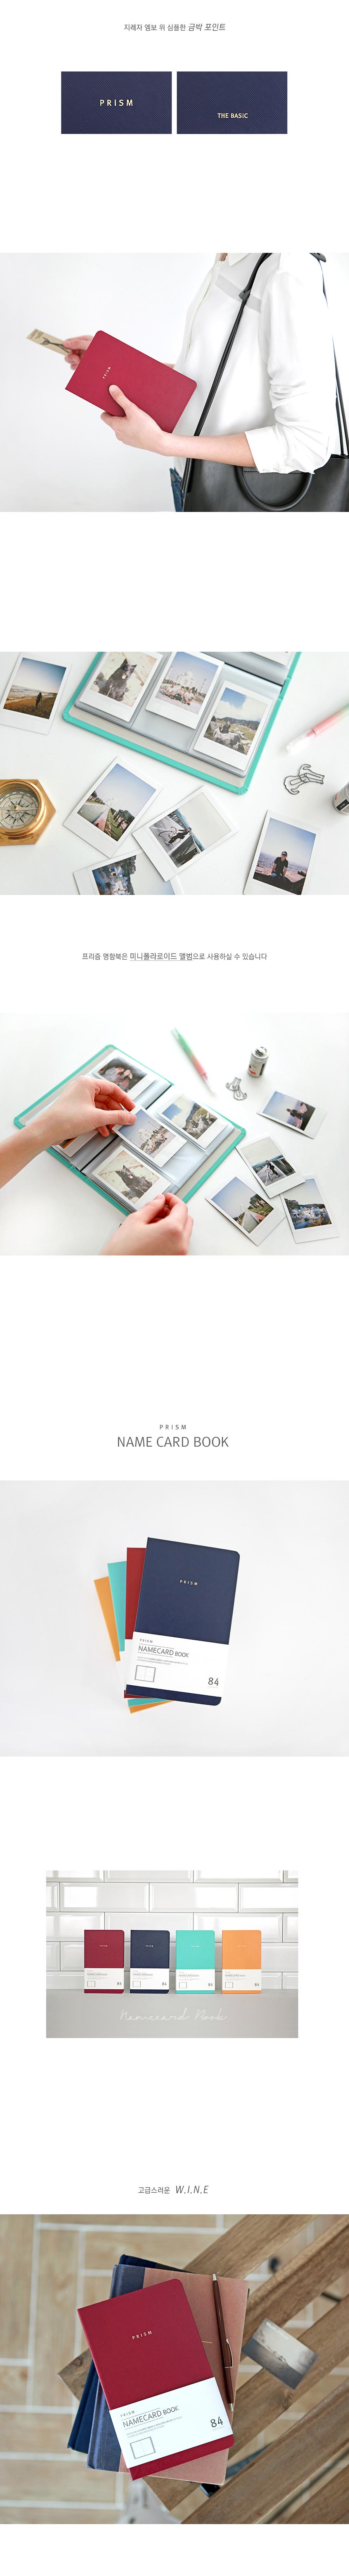 프리즘 명함북 - 인디고, 9,800원, 명함지갑/케이스, 명함케이스세트